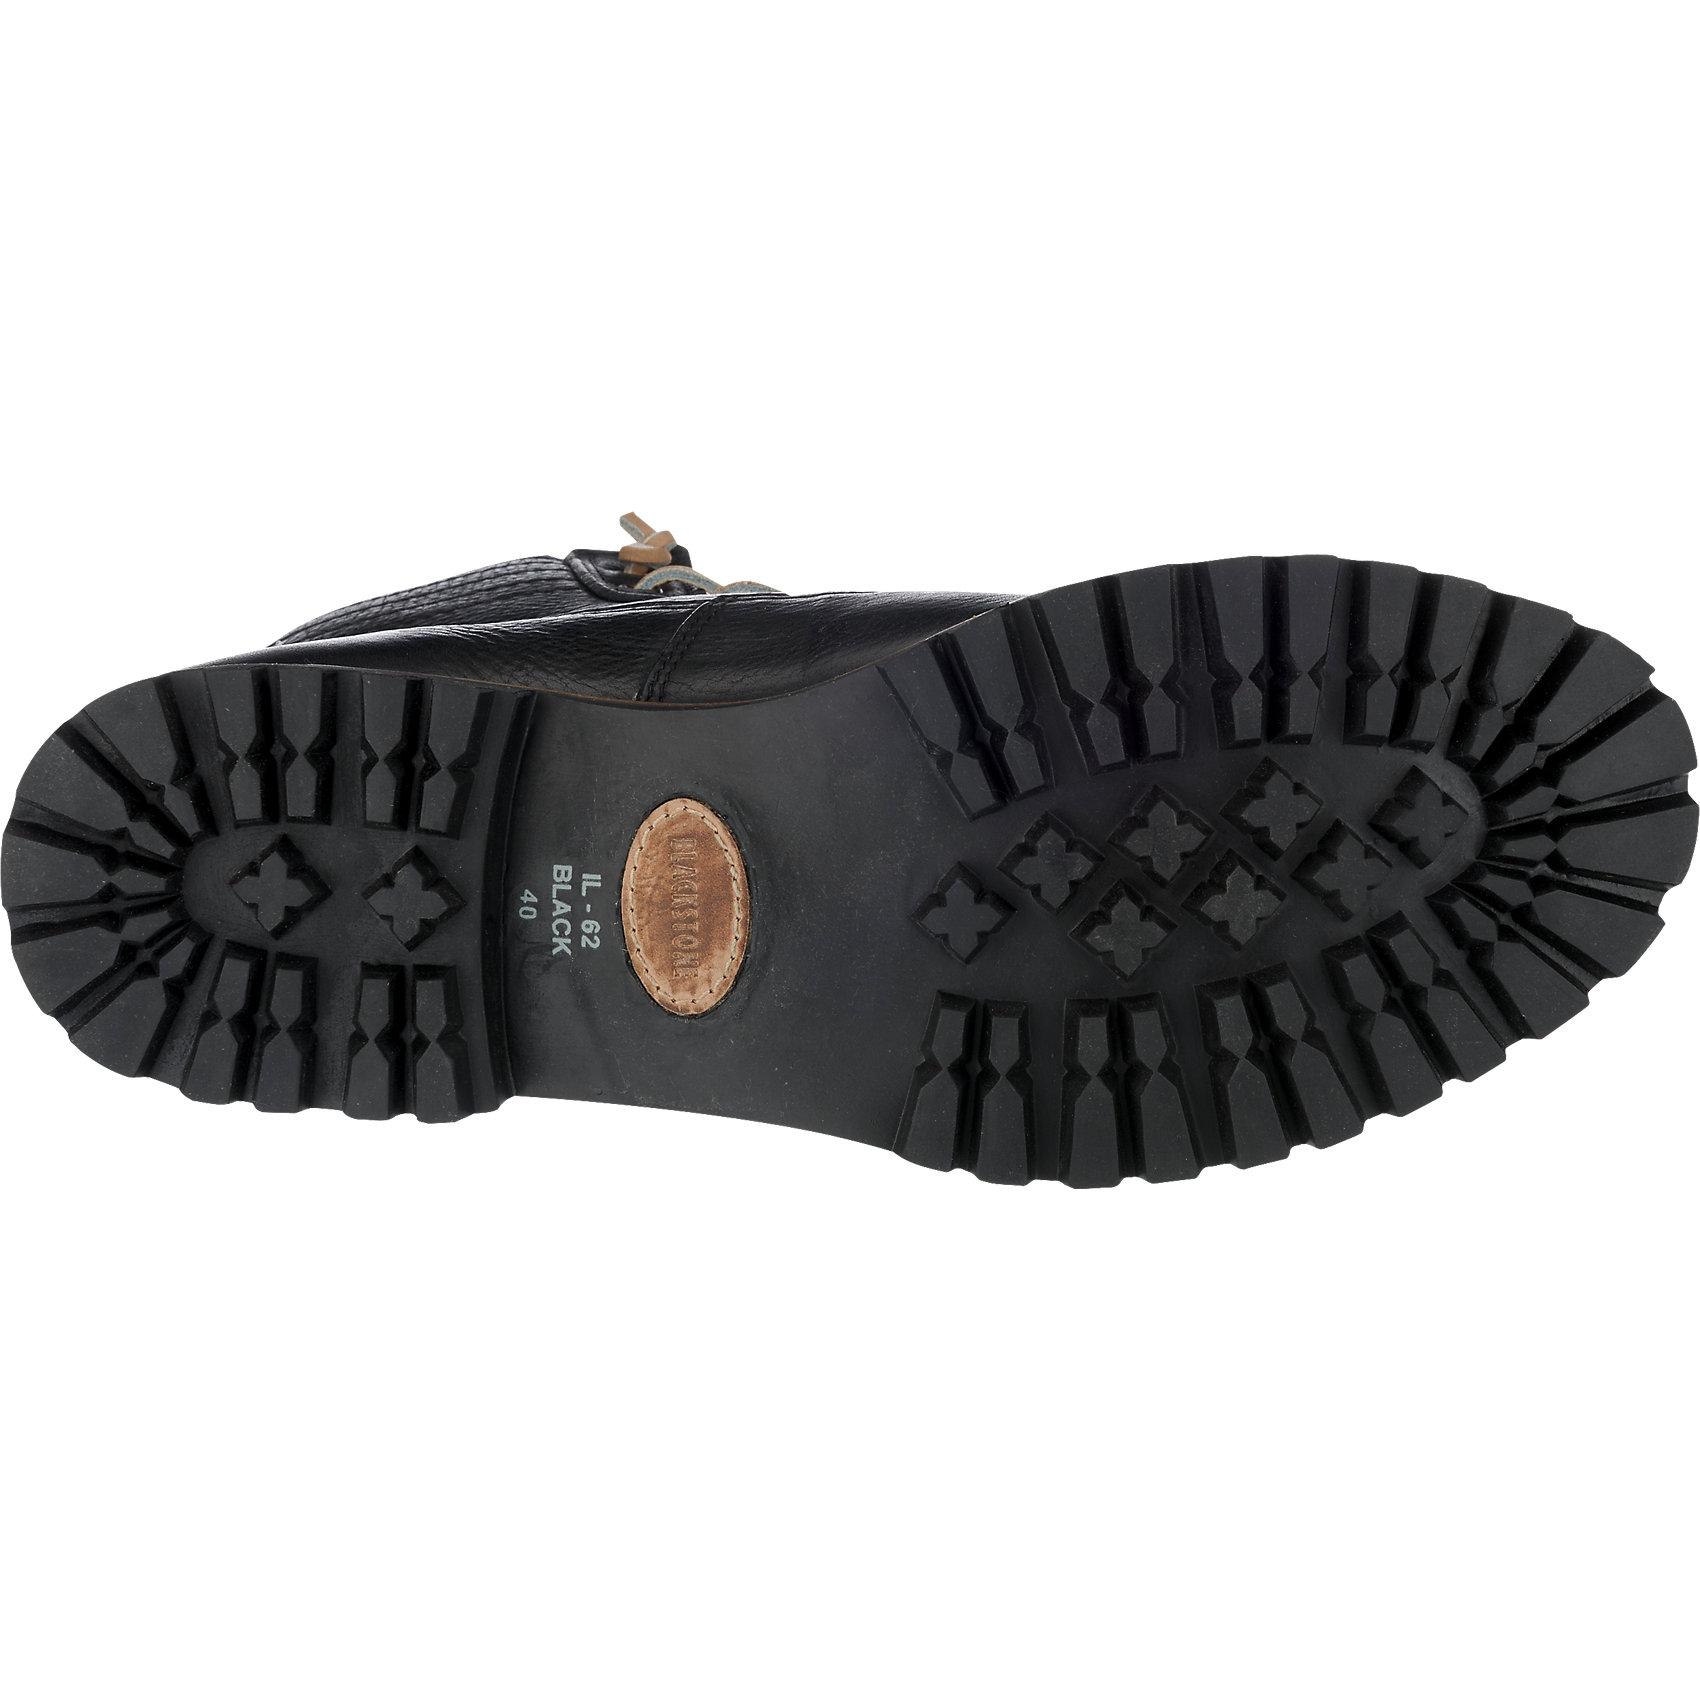 Neu Blackstone Stiefeletten 5764674 für Damen cognac schwarz